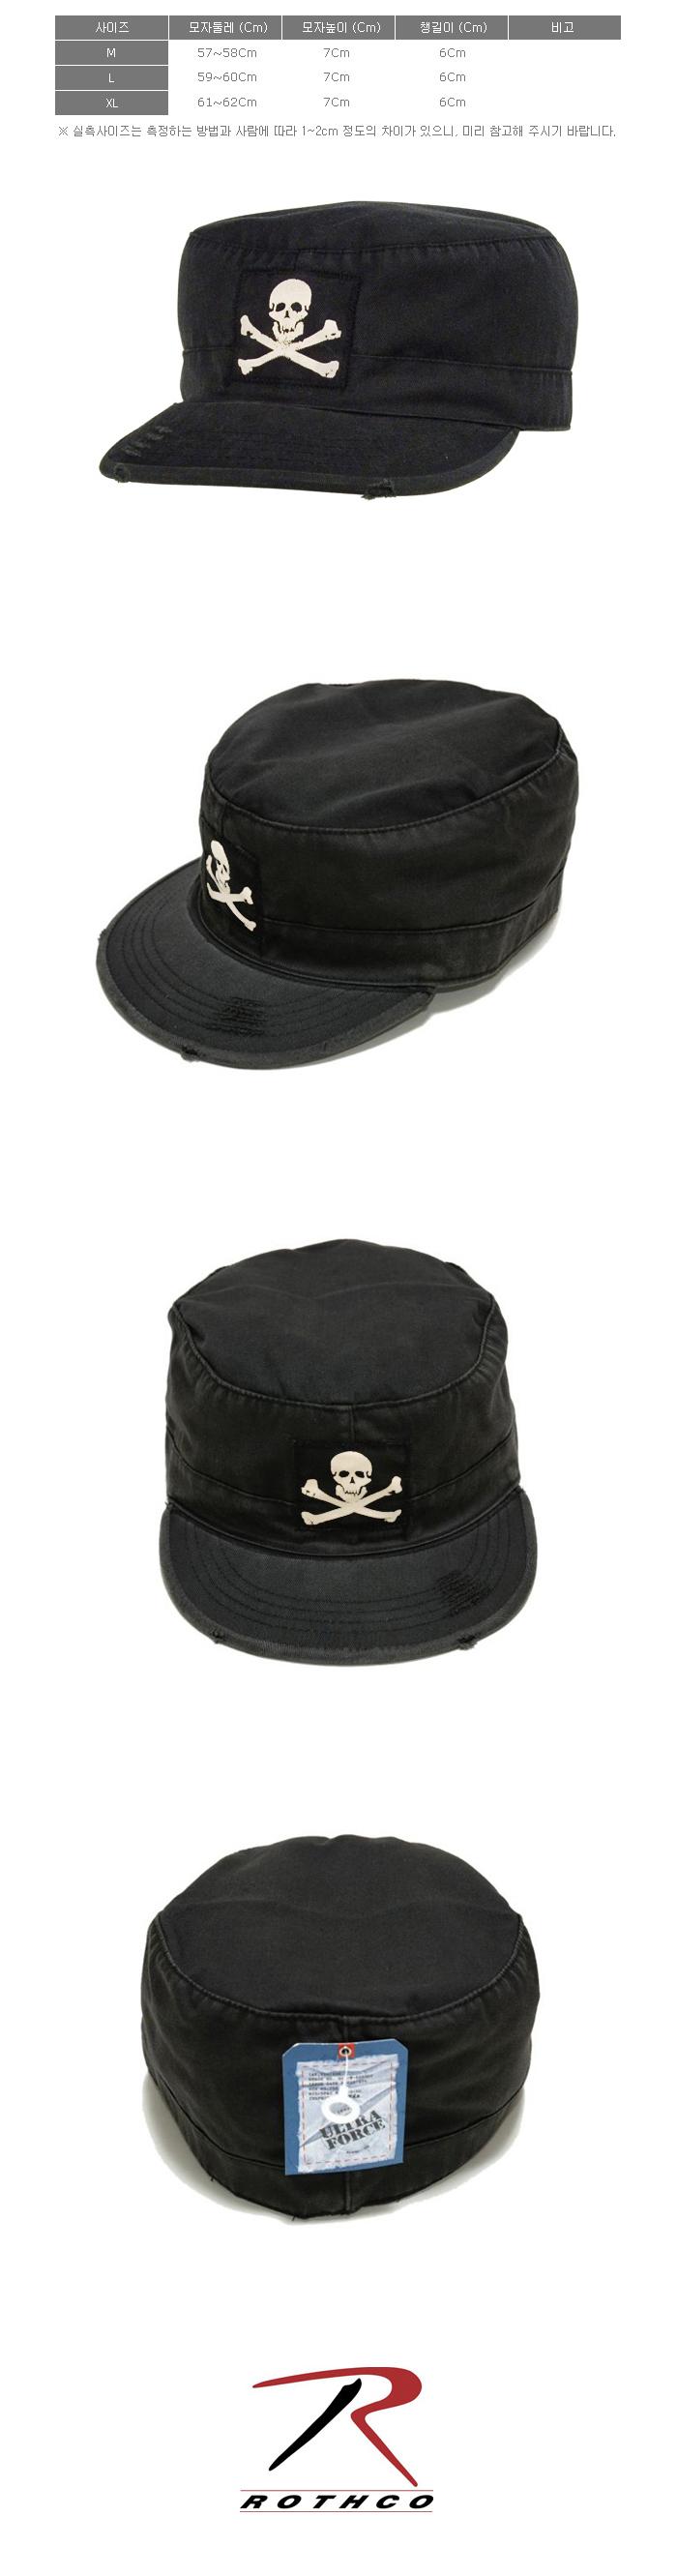 VINTAGE BLACK JOLLY ROGER FATIGUE CAP